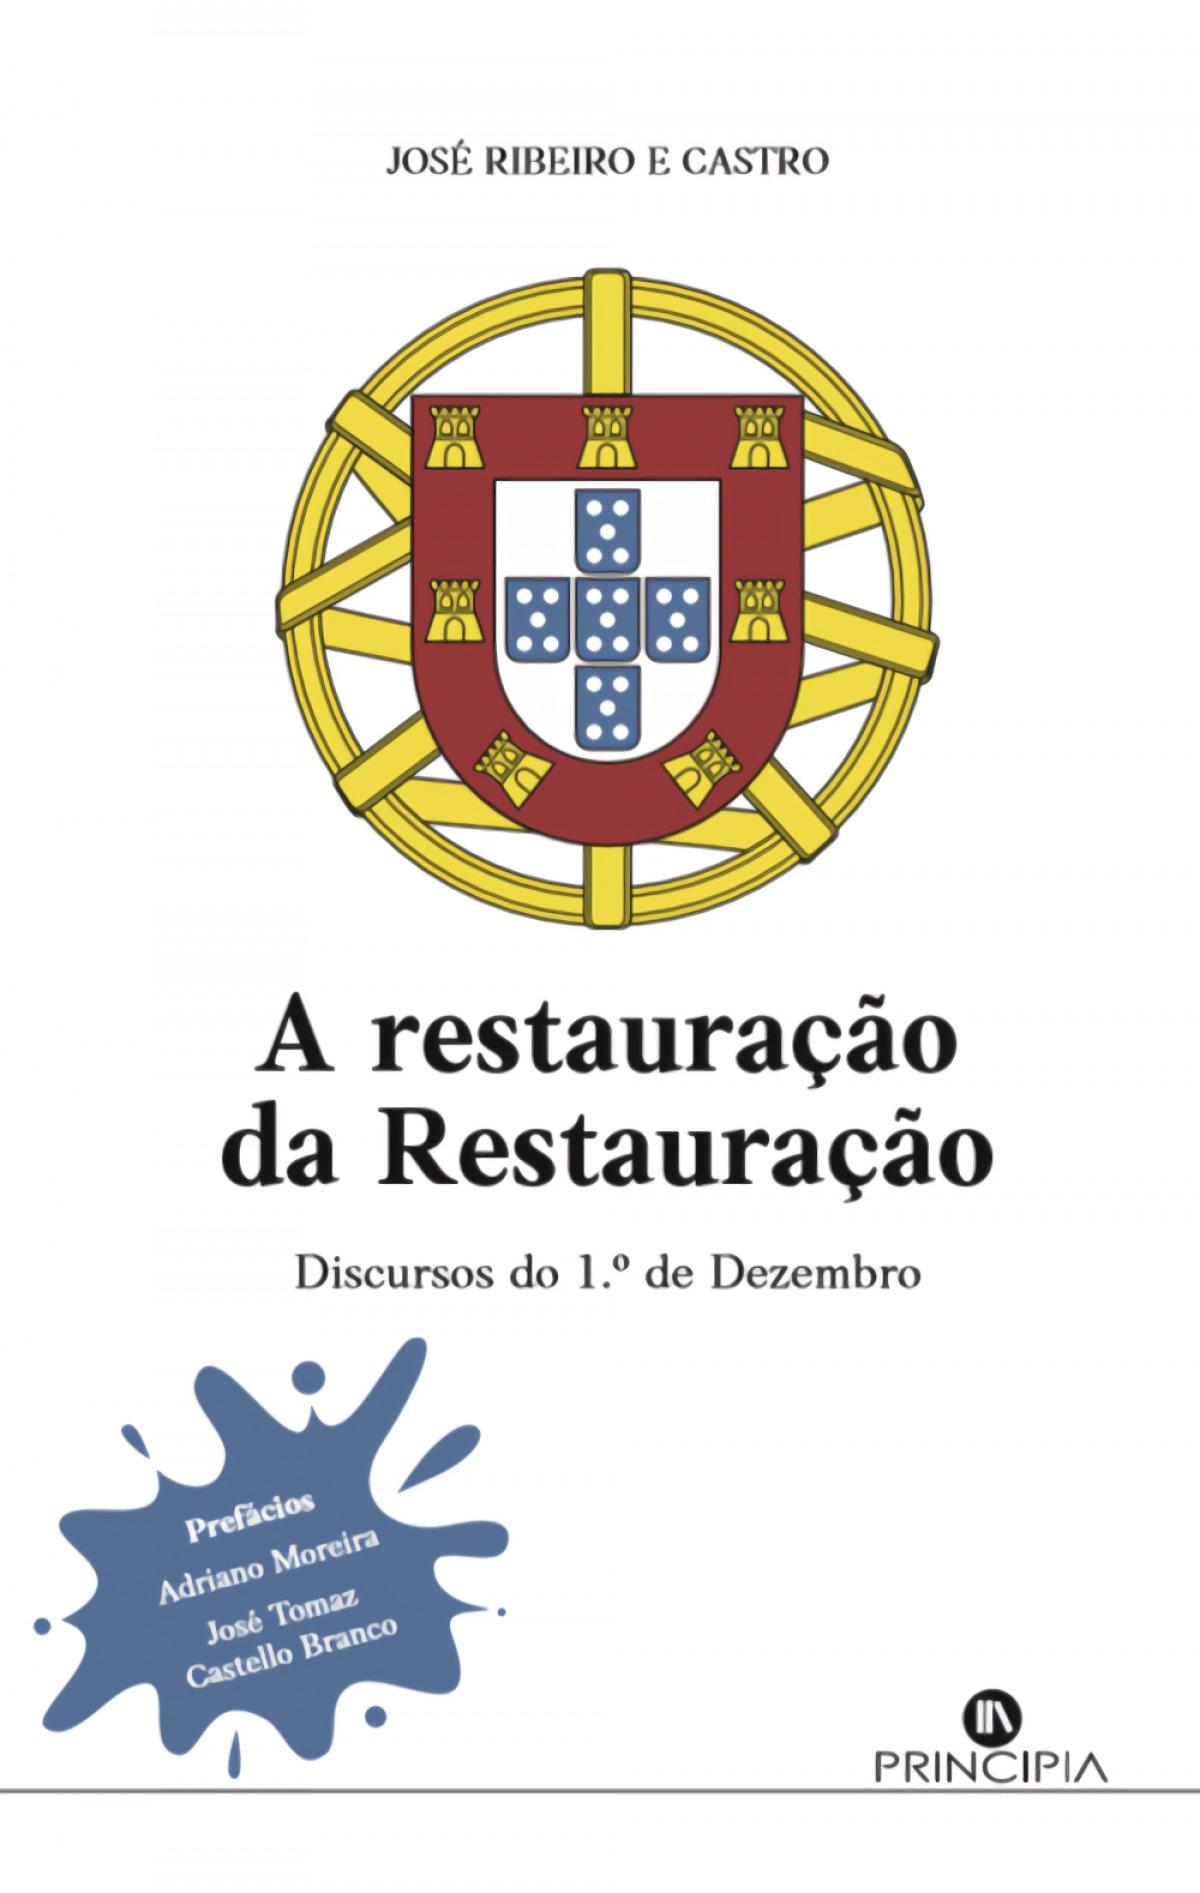 A Restauração da Restauração: discurso 1º de Dezembro